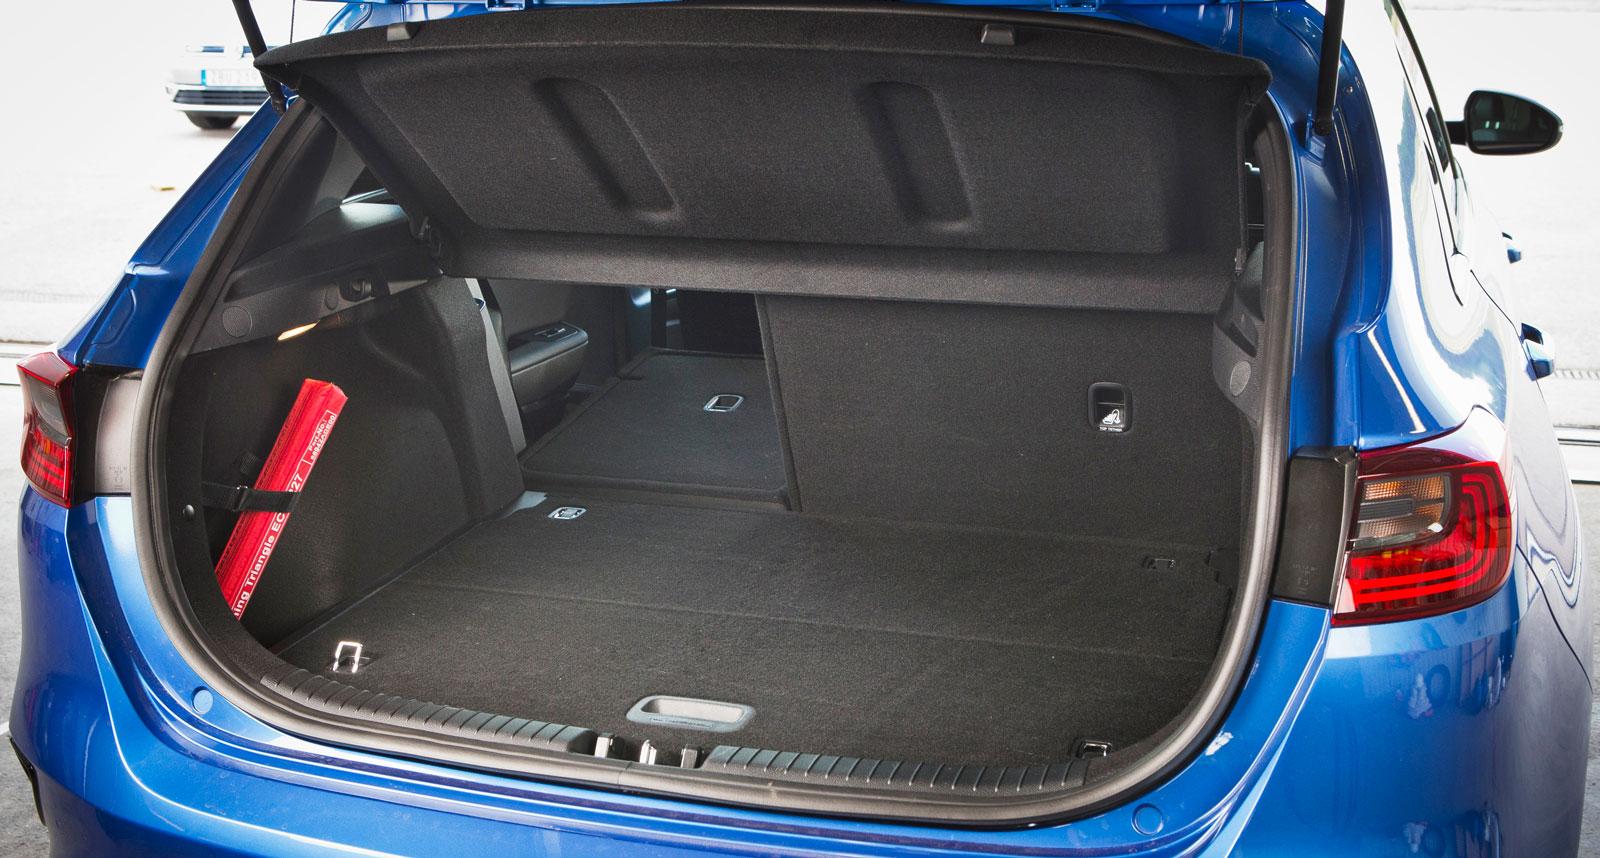 Kias lastgolv kan höjas/sänkas i två nivåer och ett stort extra stuvfack finns under bakre delen av golvet. Men lastförankringsöglorna är dumt placerade i det löstagbara bagagegolvet. Baksätets ryggstöd är delbart i förhållandet 60/40 och dubbla kasskrokar finns, liksom två djupa sidofack för småprylar.